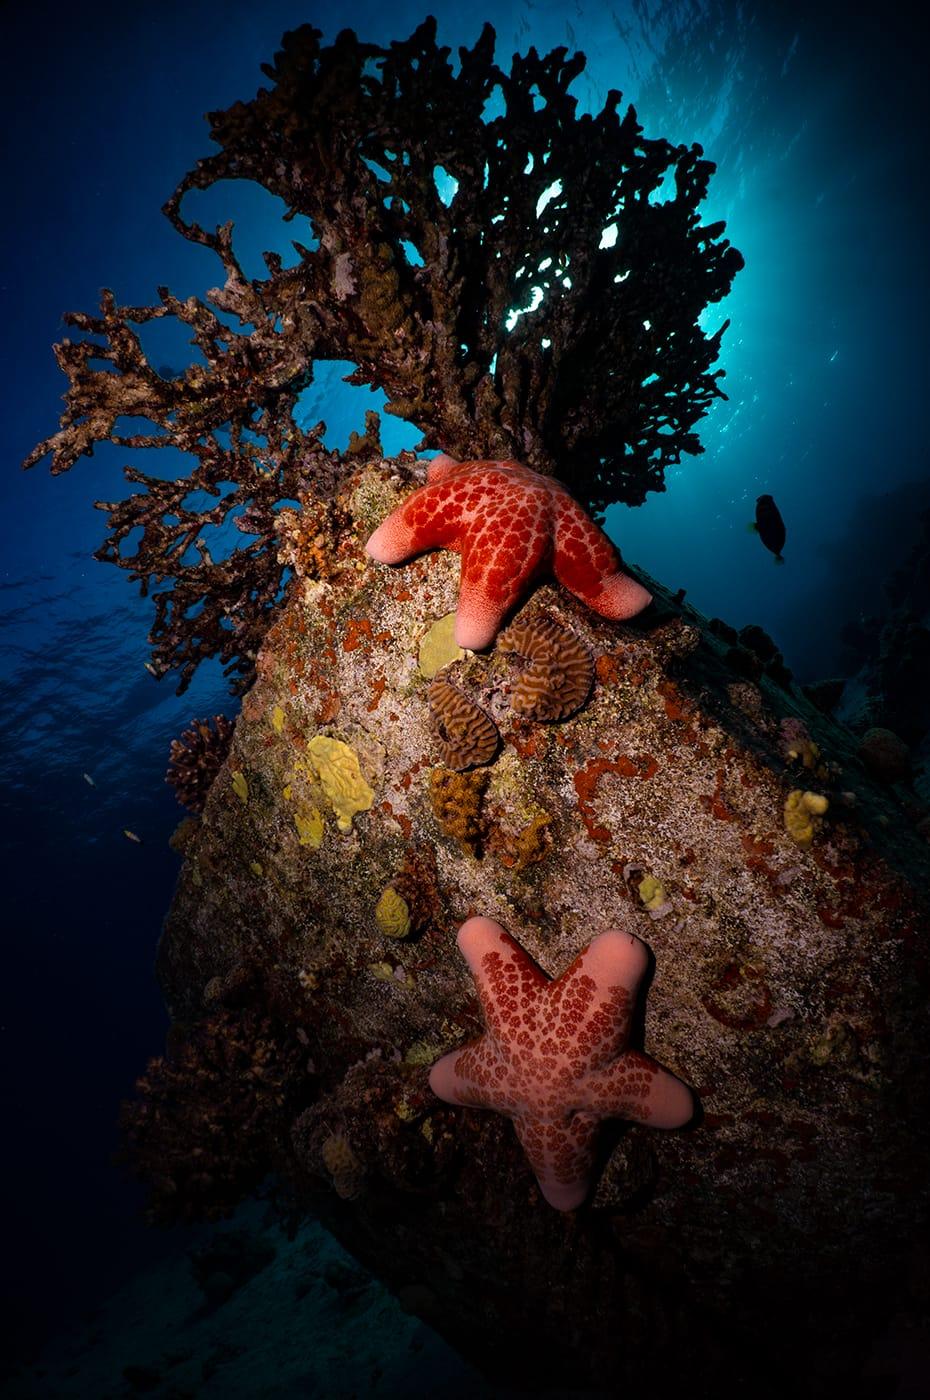 זוג גרגירנים מגושמים (כוכב ים) נצפה בשמורת האלמוגים באילת